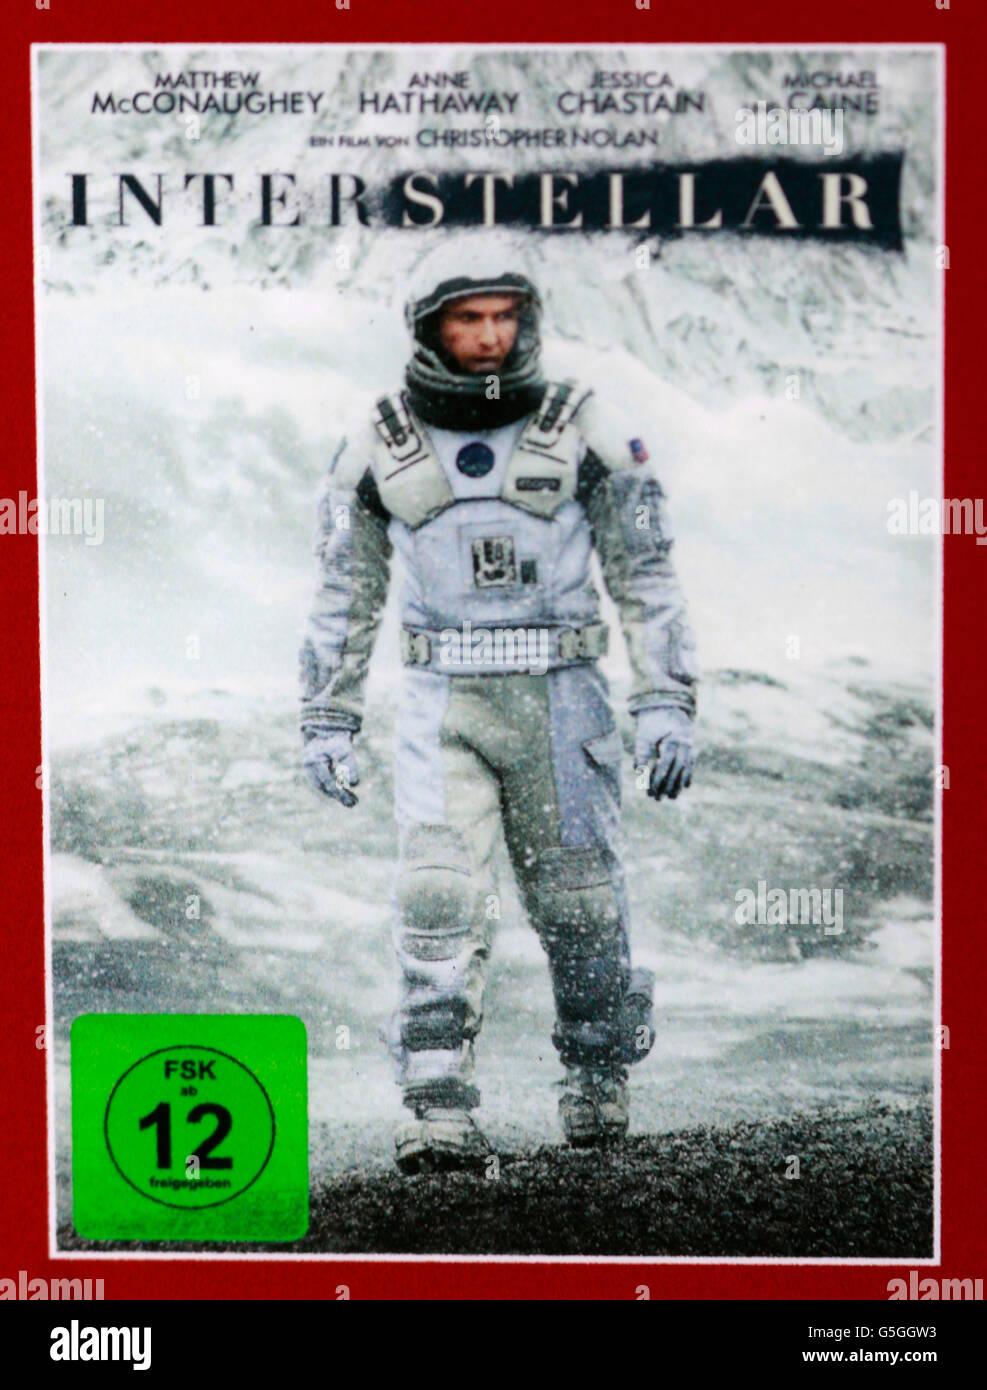 Filmplakat zum Spielfilm 'Interstellar', Berlin. - Stock Image